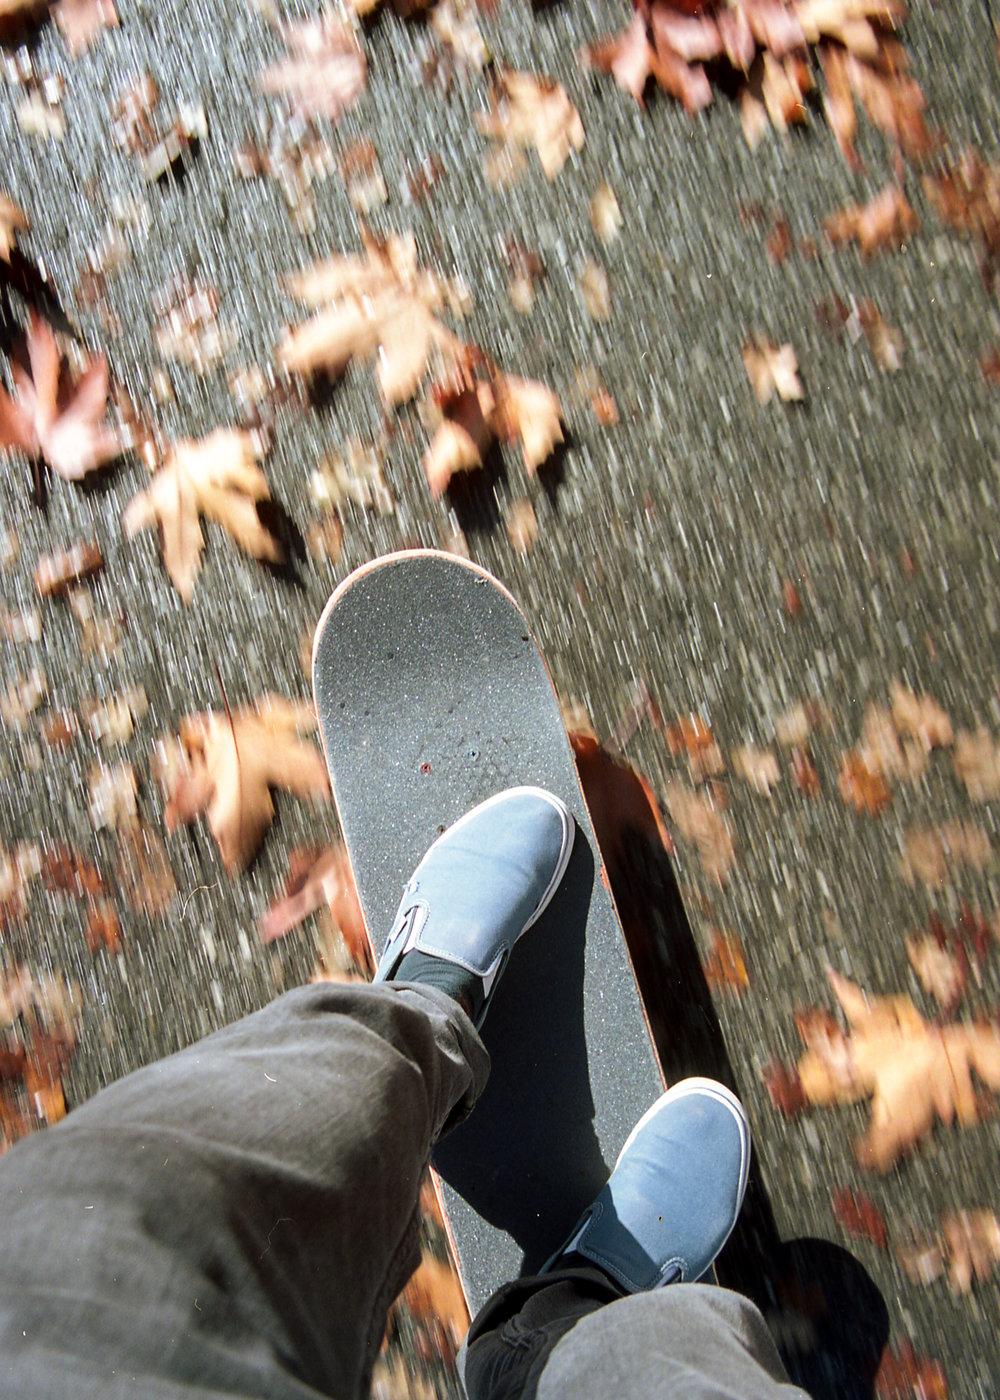 Sidewalk surfing.